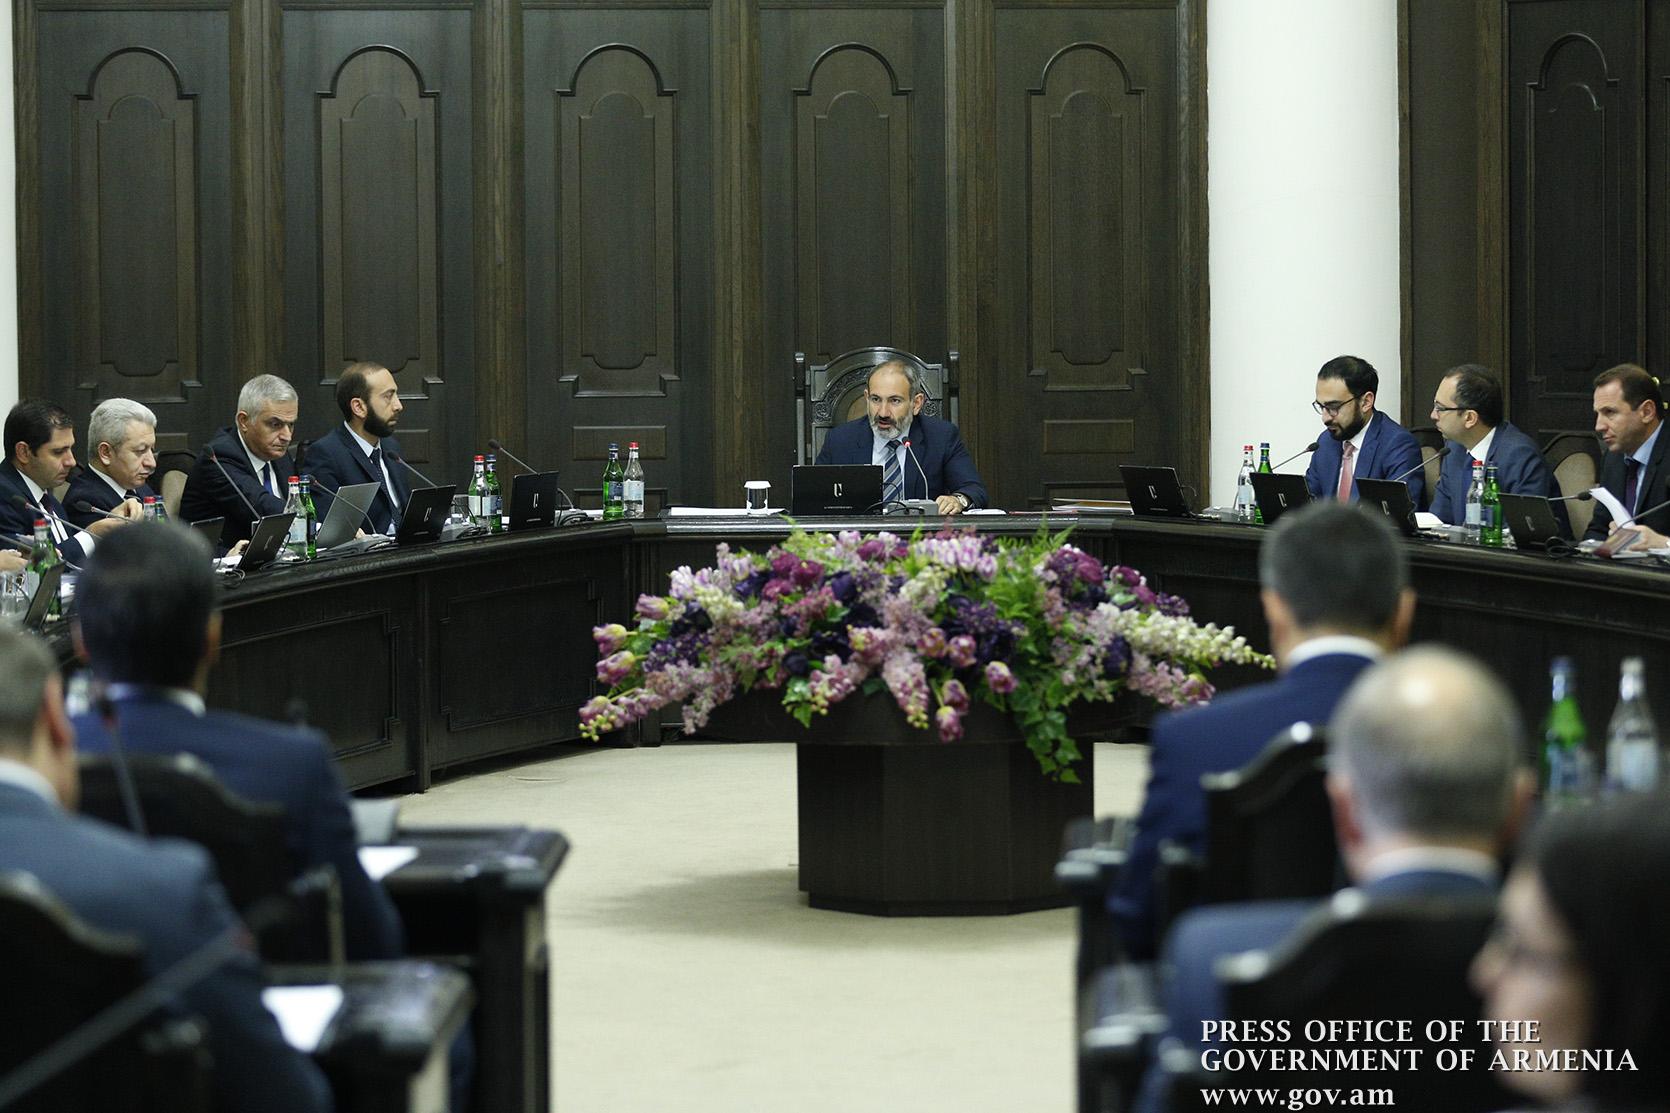 Հայաստանի ամբողջ տարածքում արտակարգ դրություն հայտարարվեց